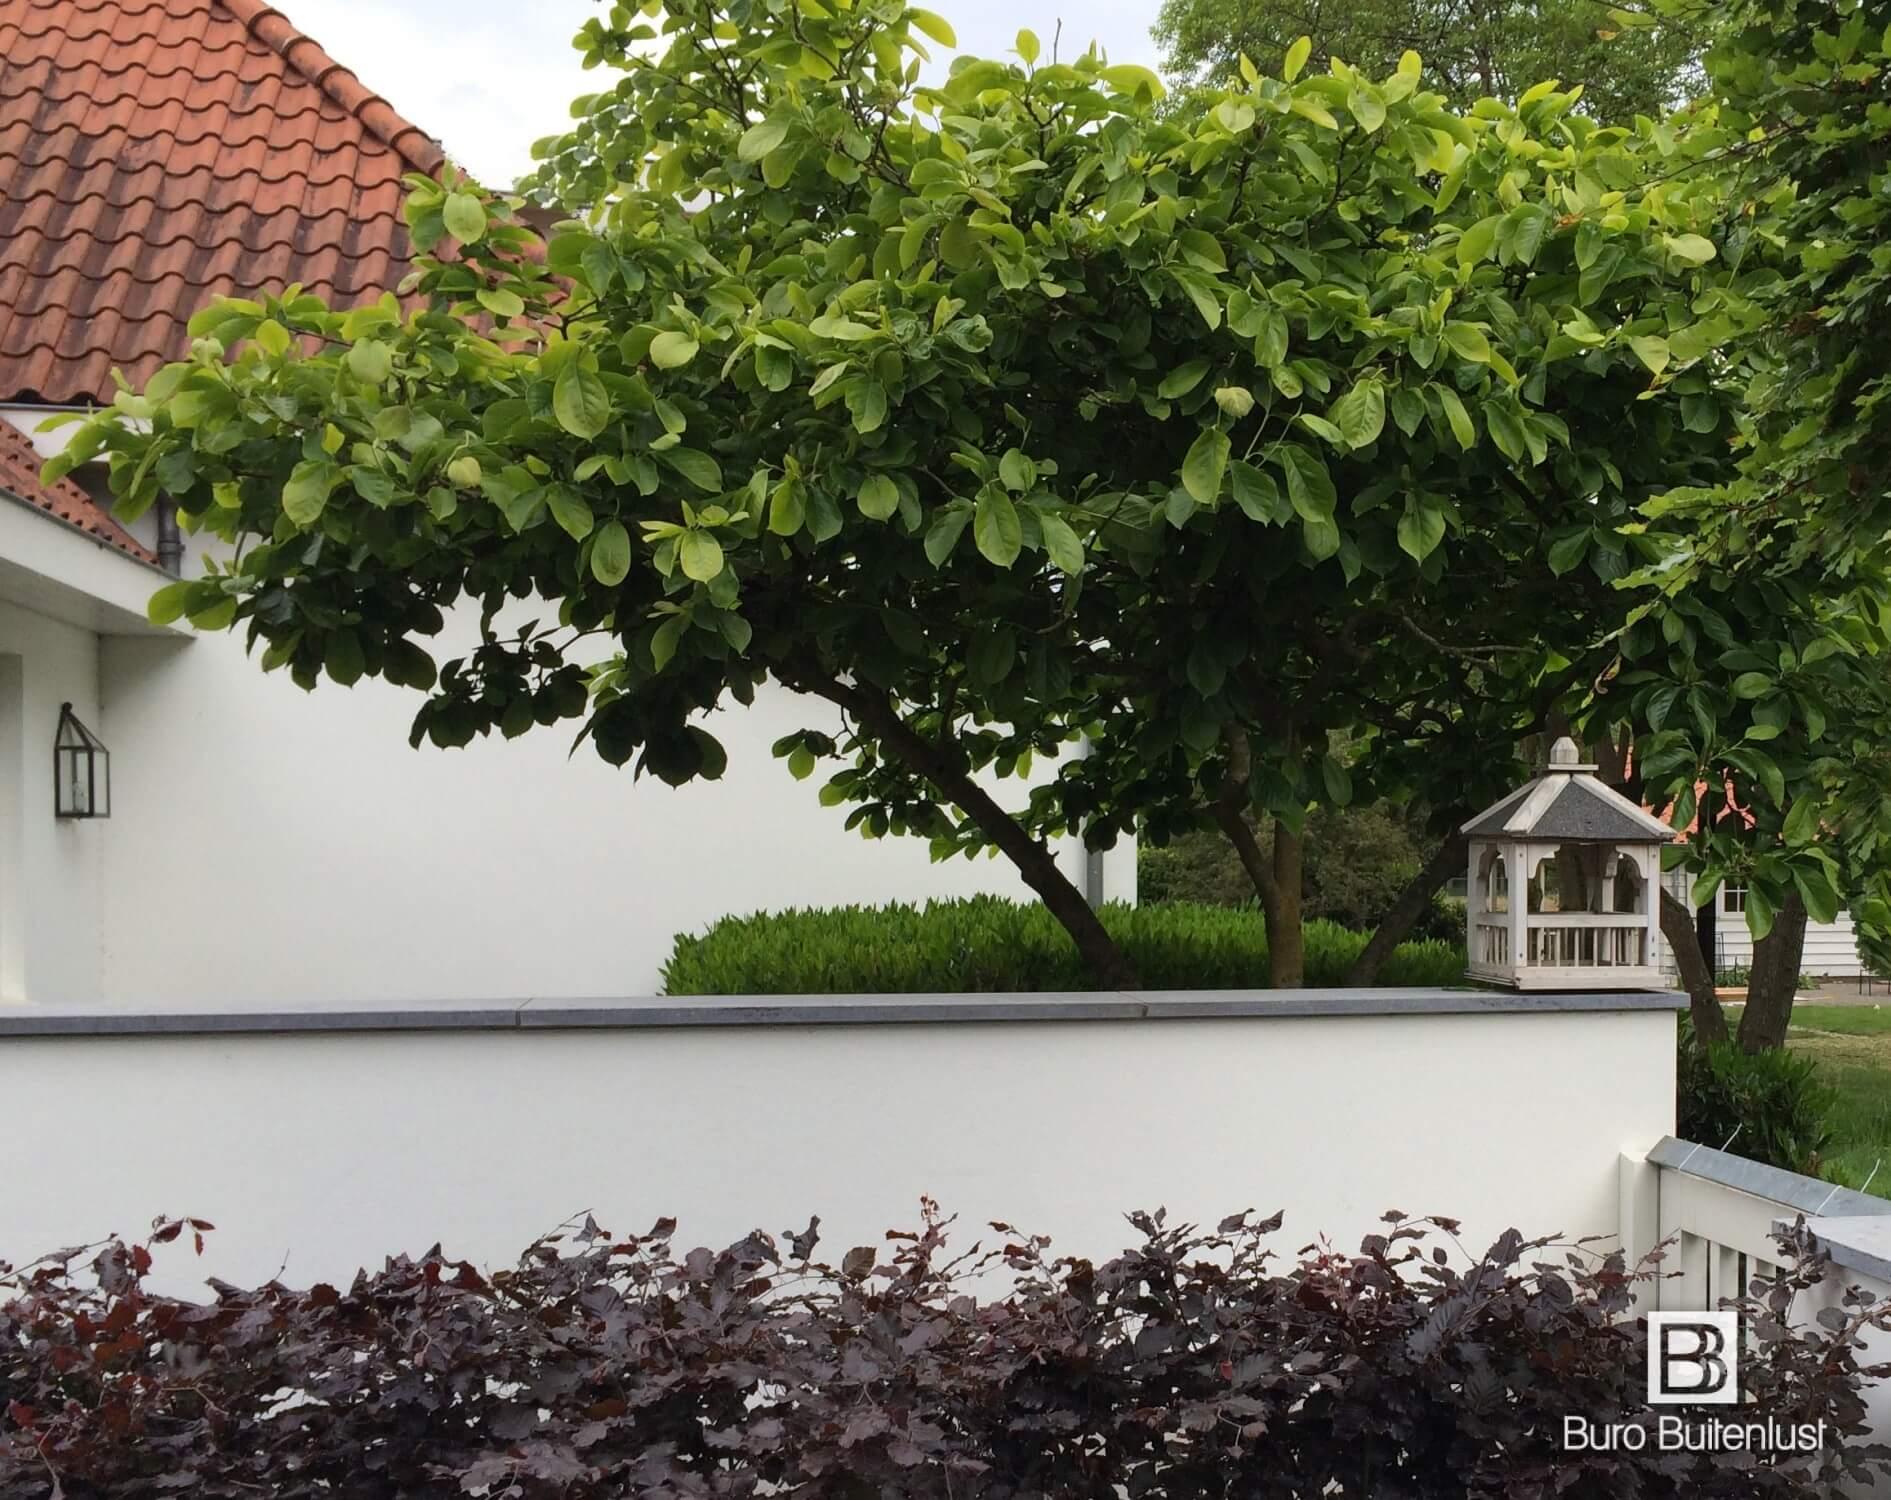 Landgoed tilburg buro buitenlust for De eigentijdse tuin